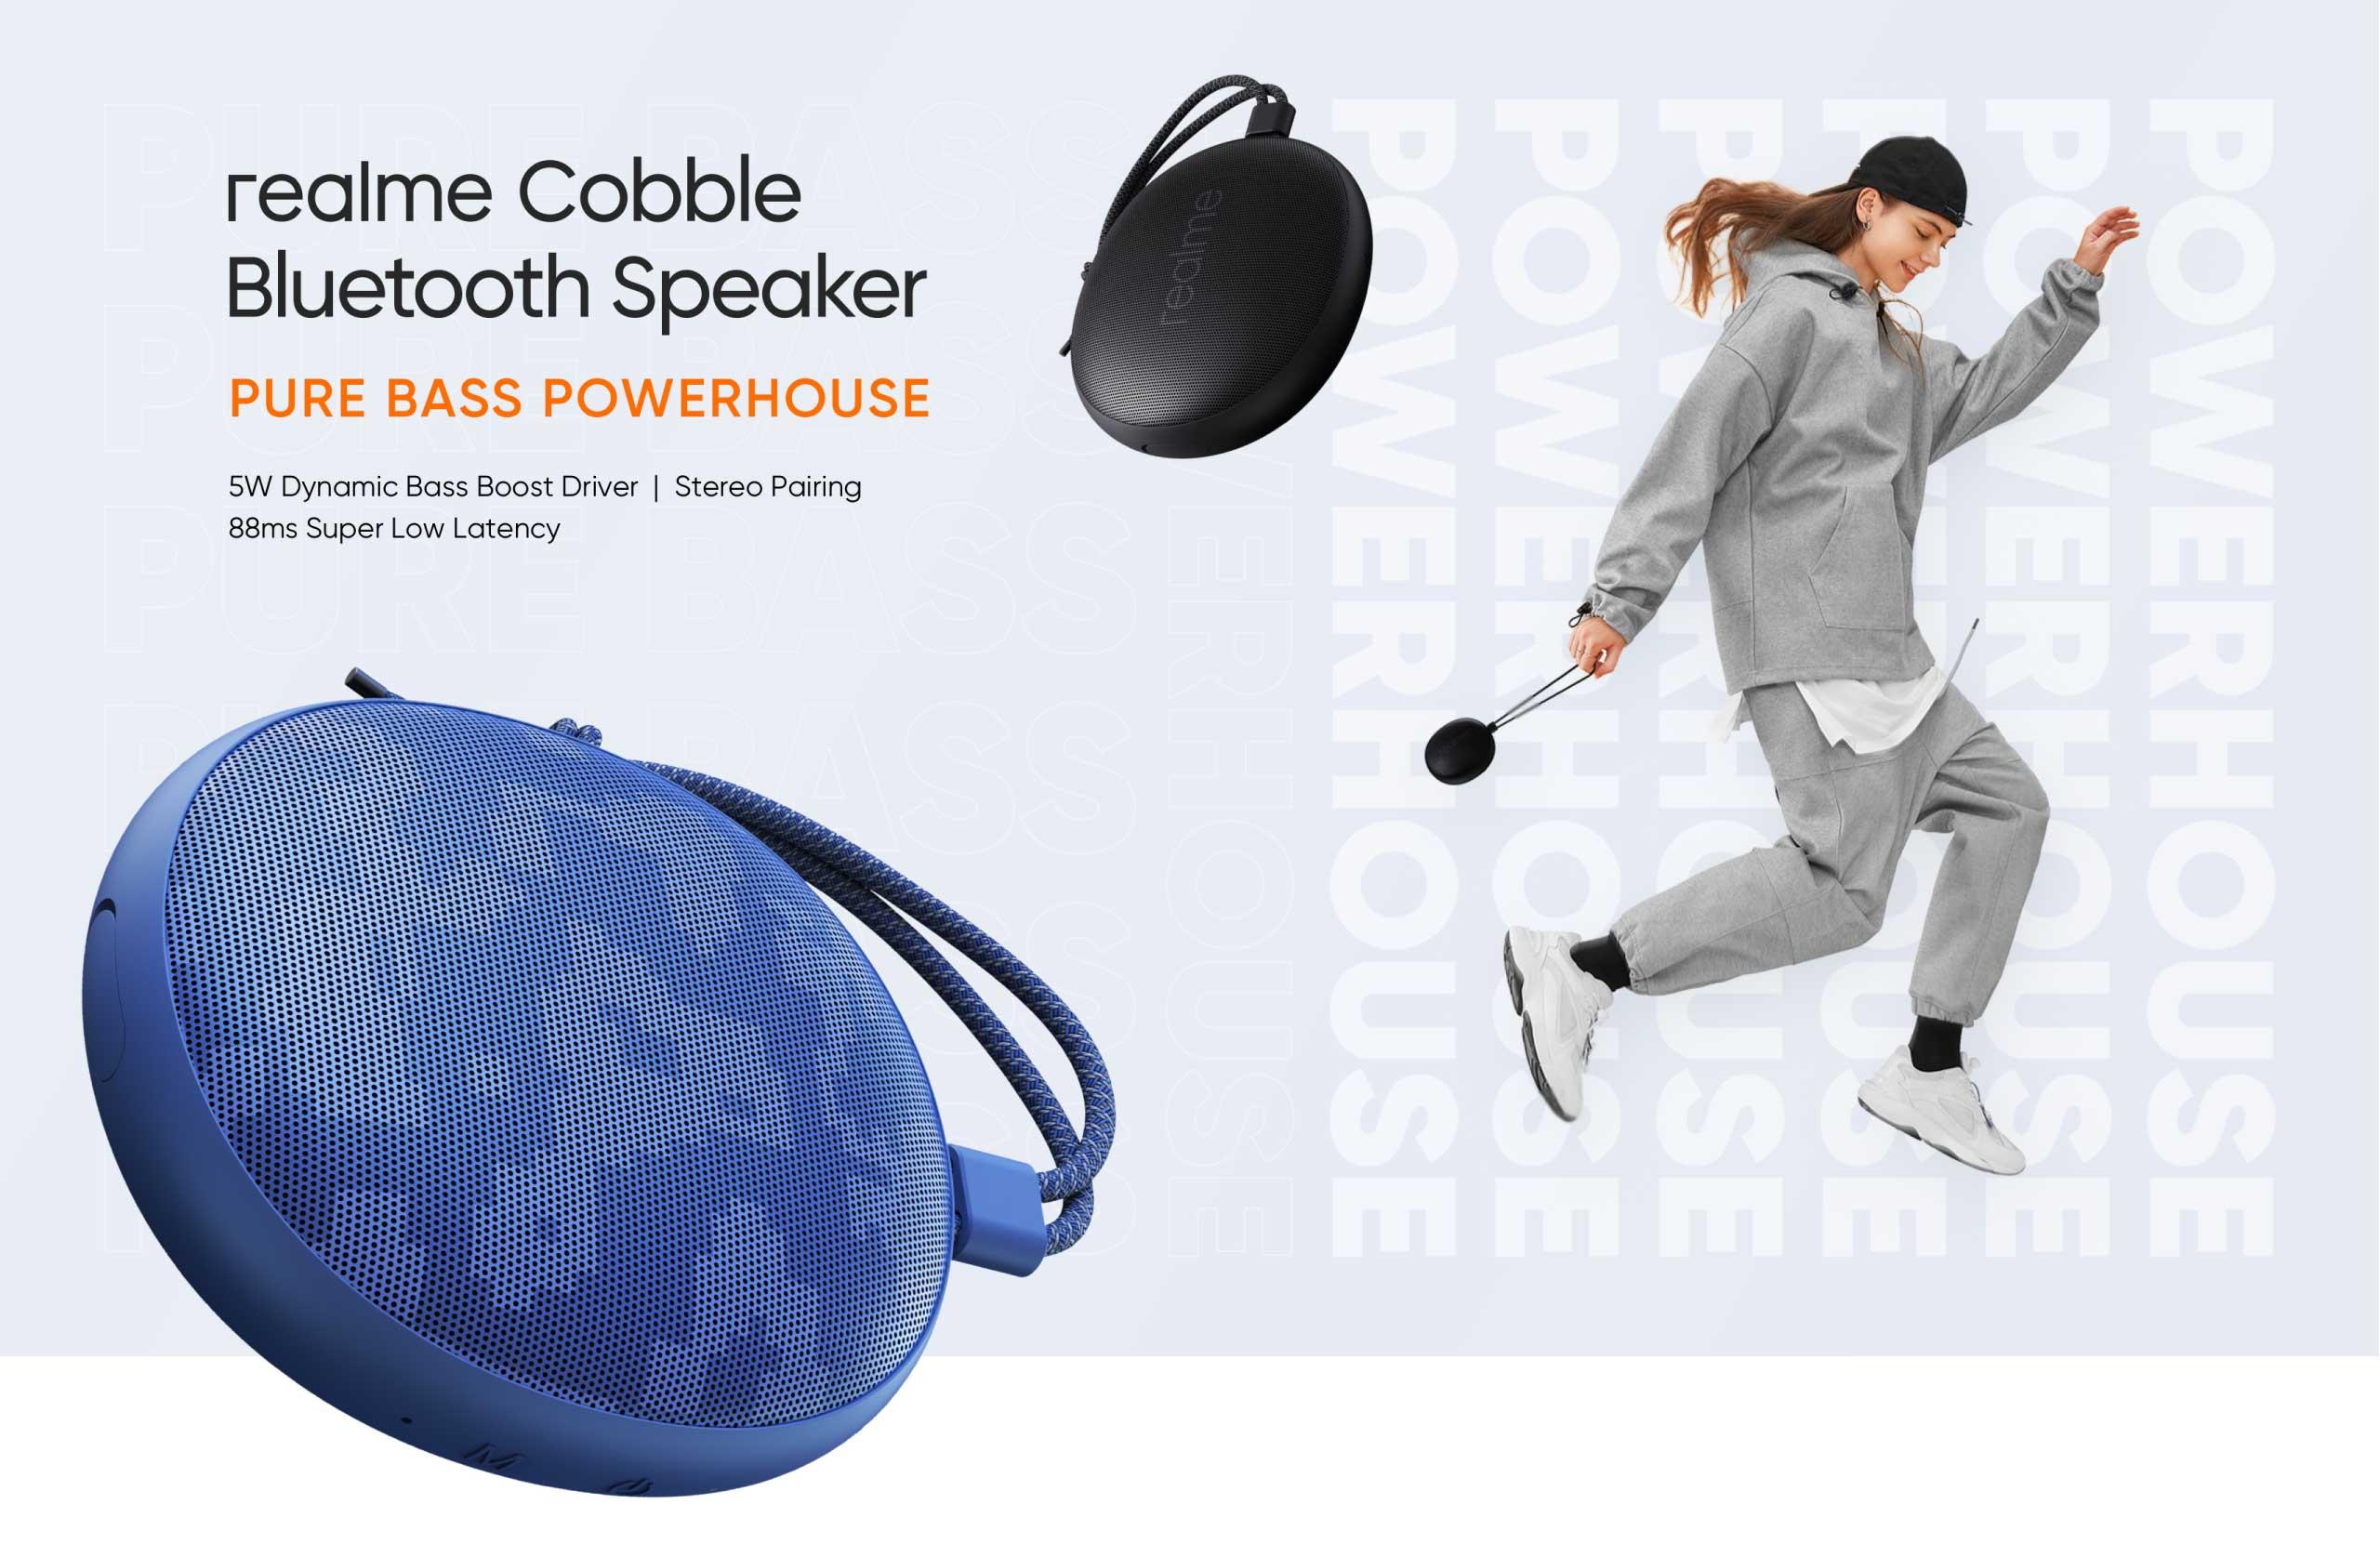 L'enceinte Bluetooth Realme Cobble ressemble à un petit caillou attaché à une couchette lumineuse.